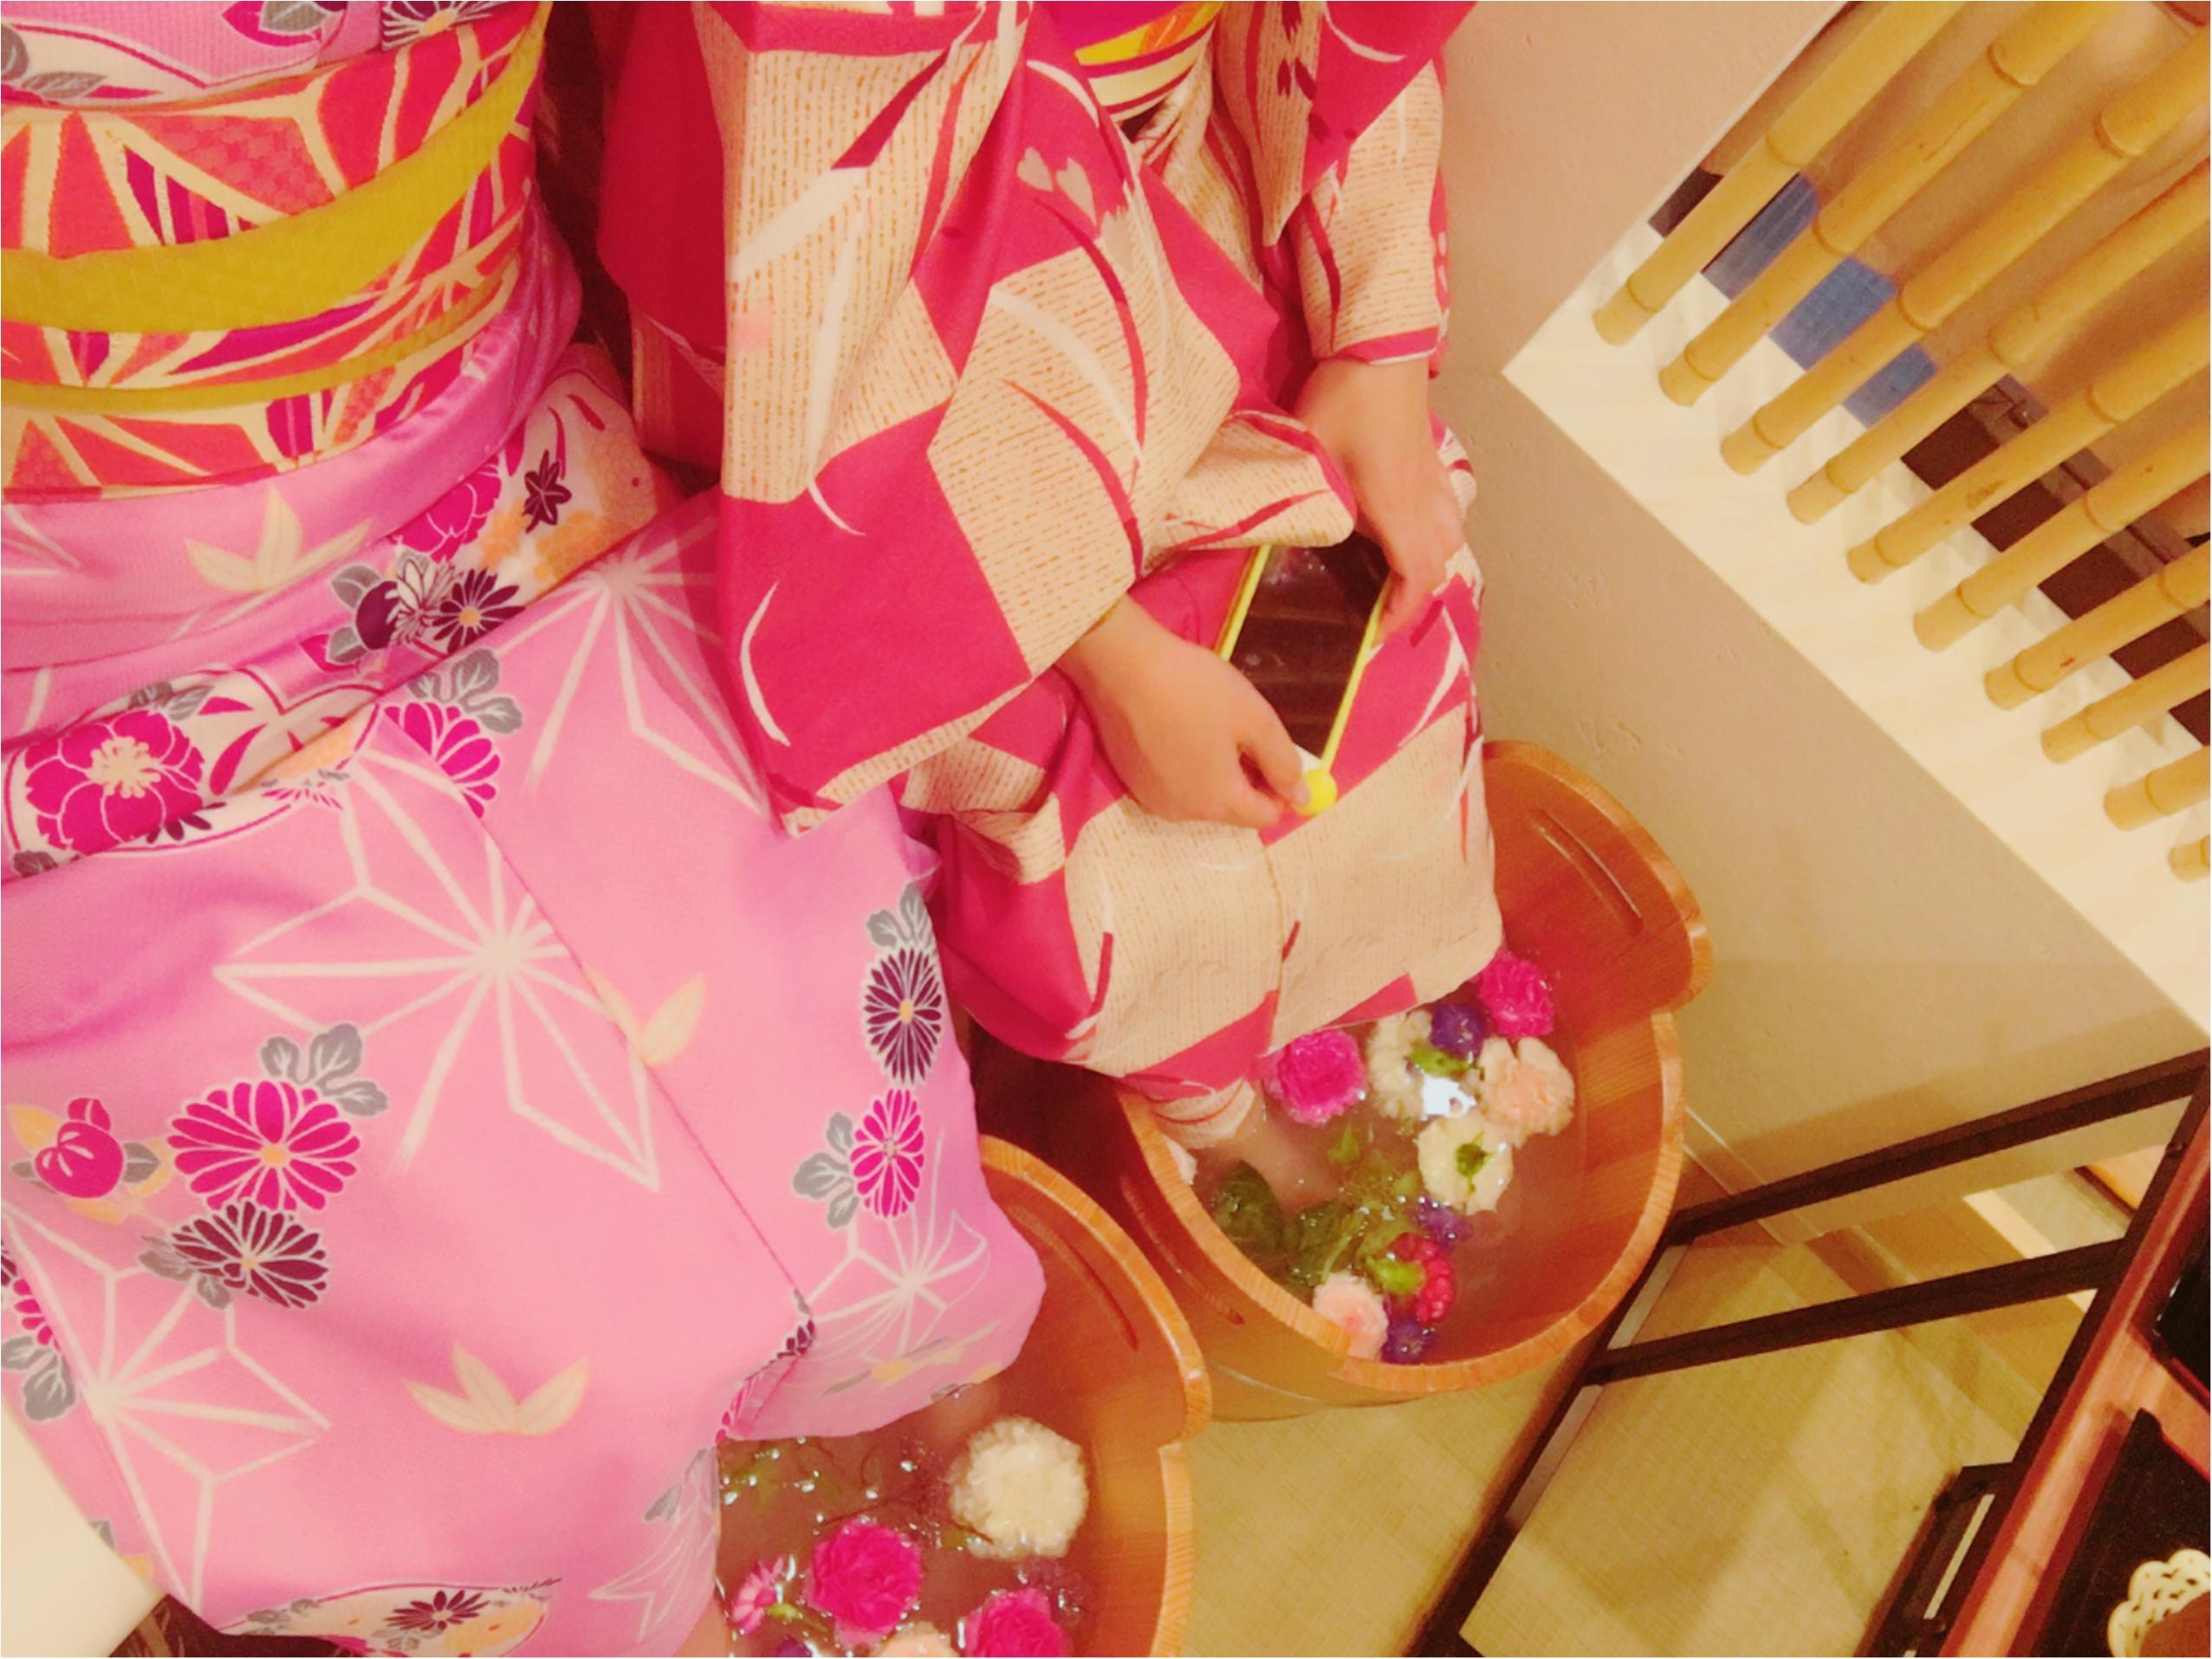 京都女子旅特集《2019年版》- 旅する女子がおすすめする、インスタ映えスポットやカフェ、レンタル着物は?_40